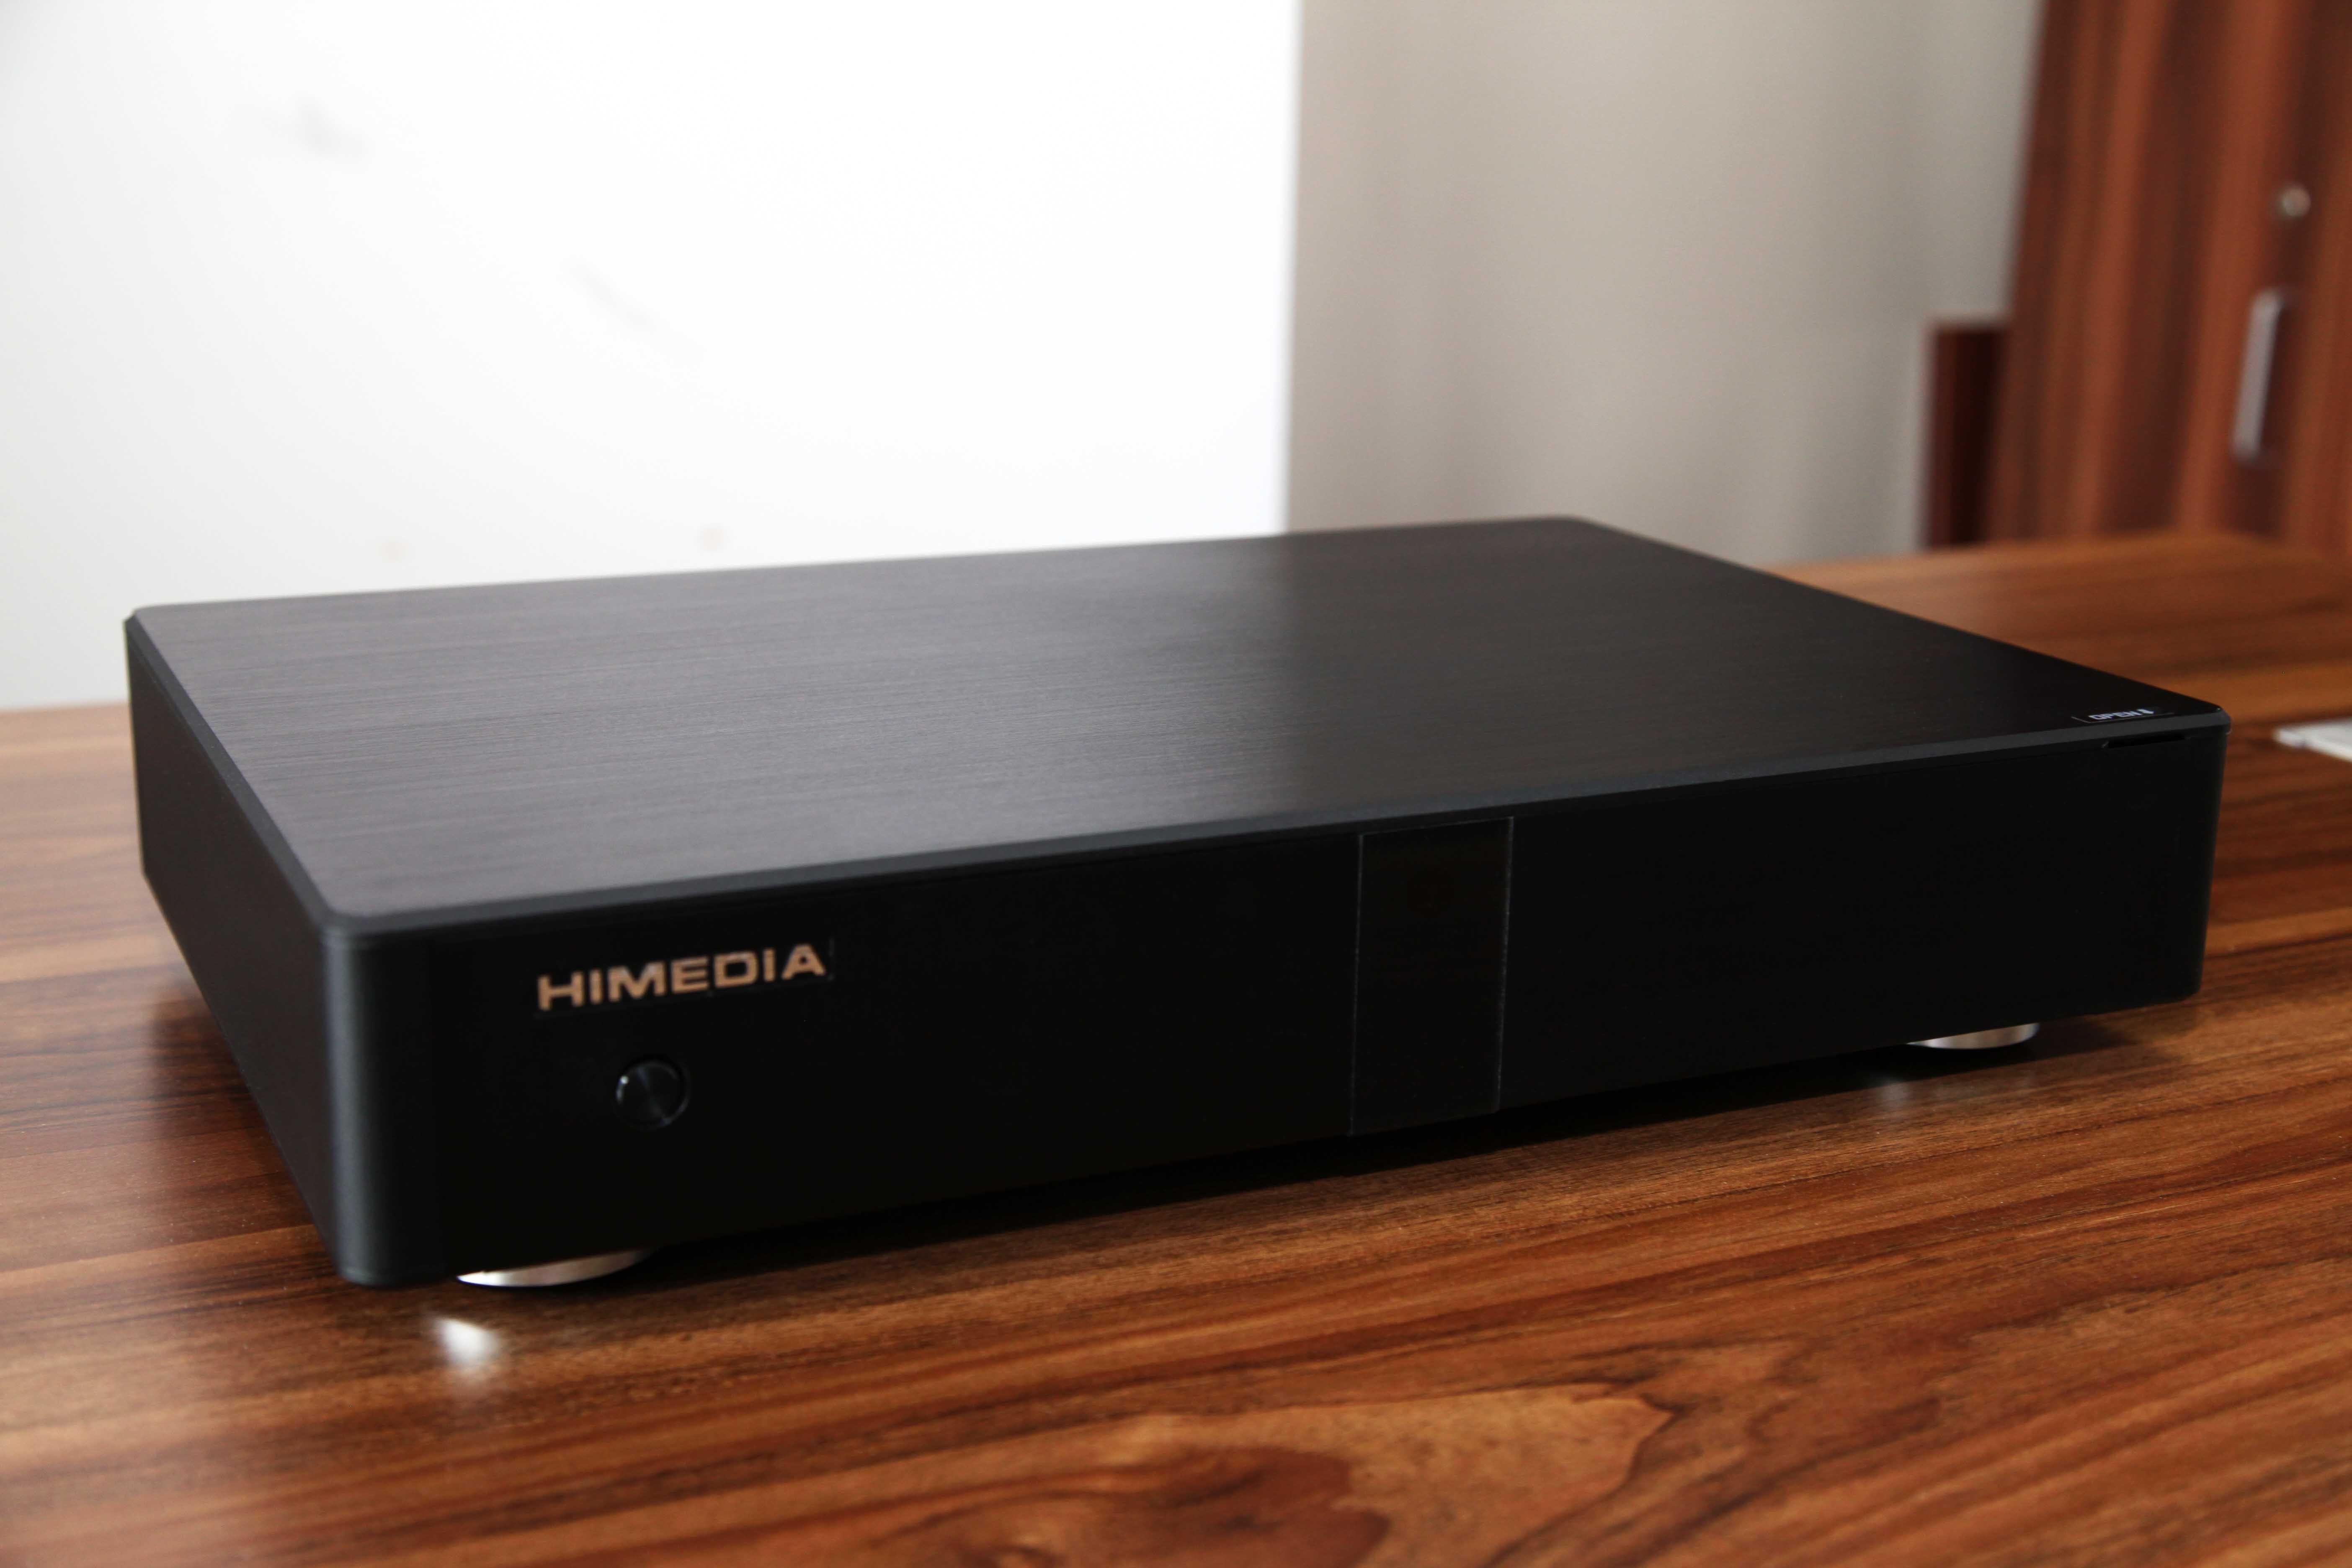 海美迪H1000